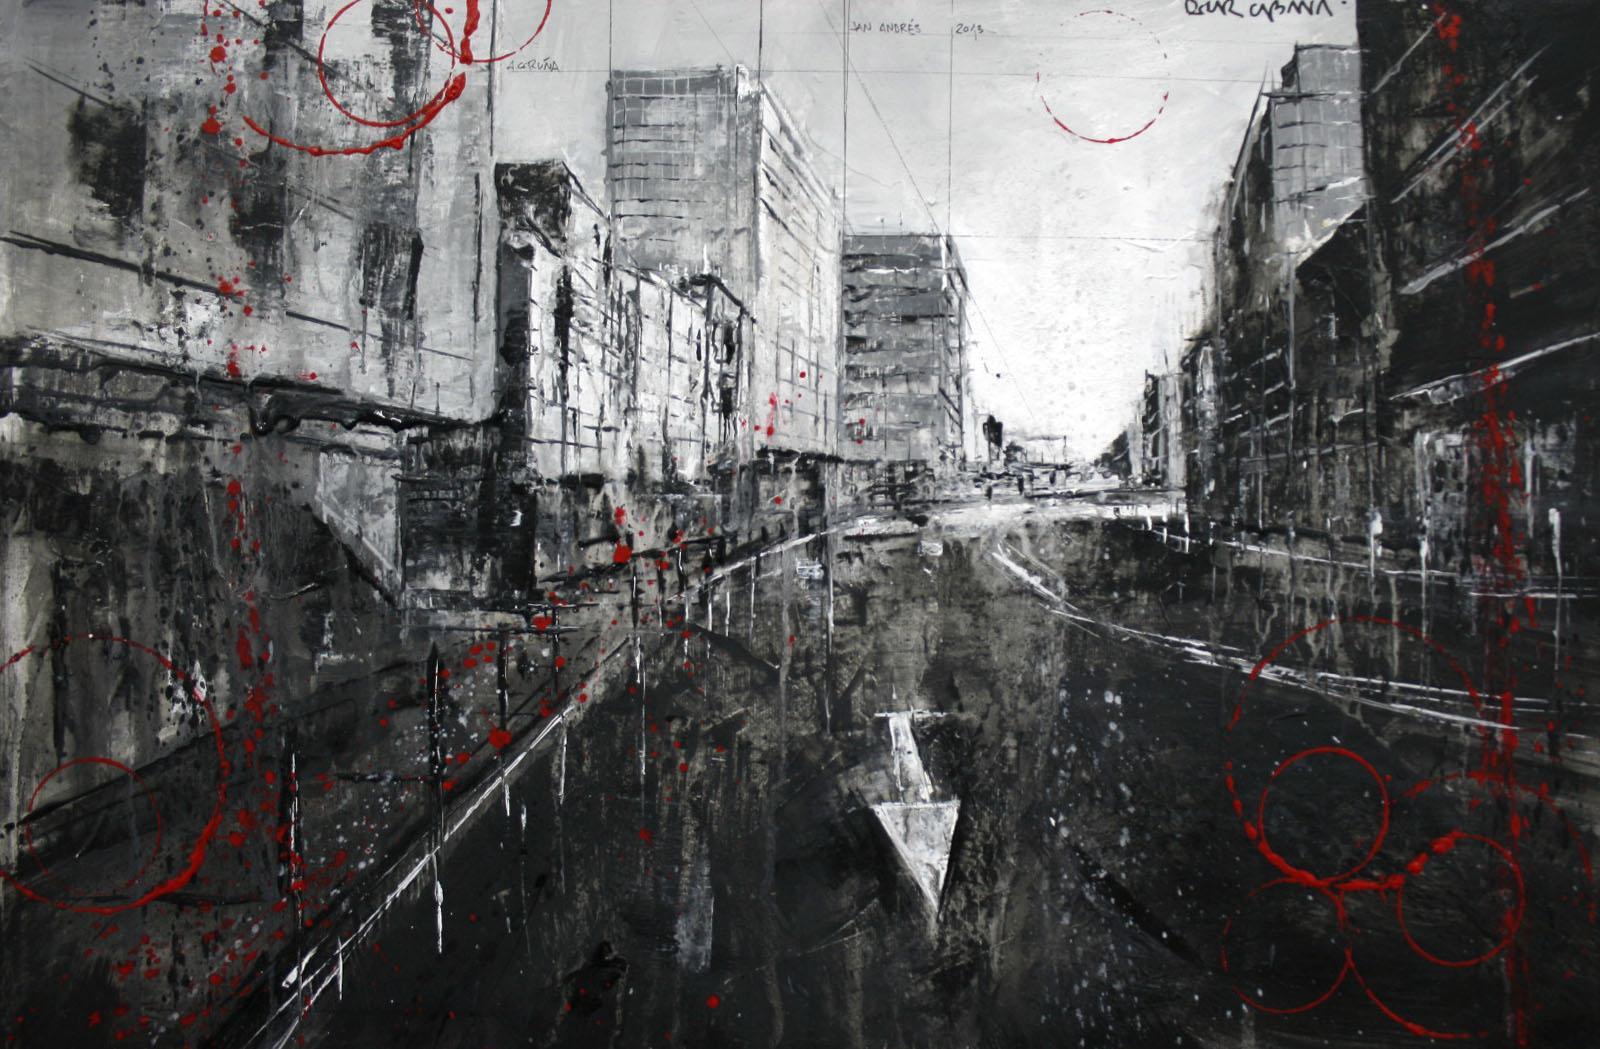 724_san andrés_60x40cm_mixed on canvas